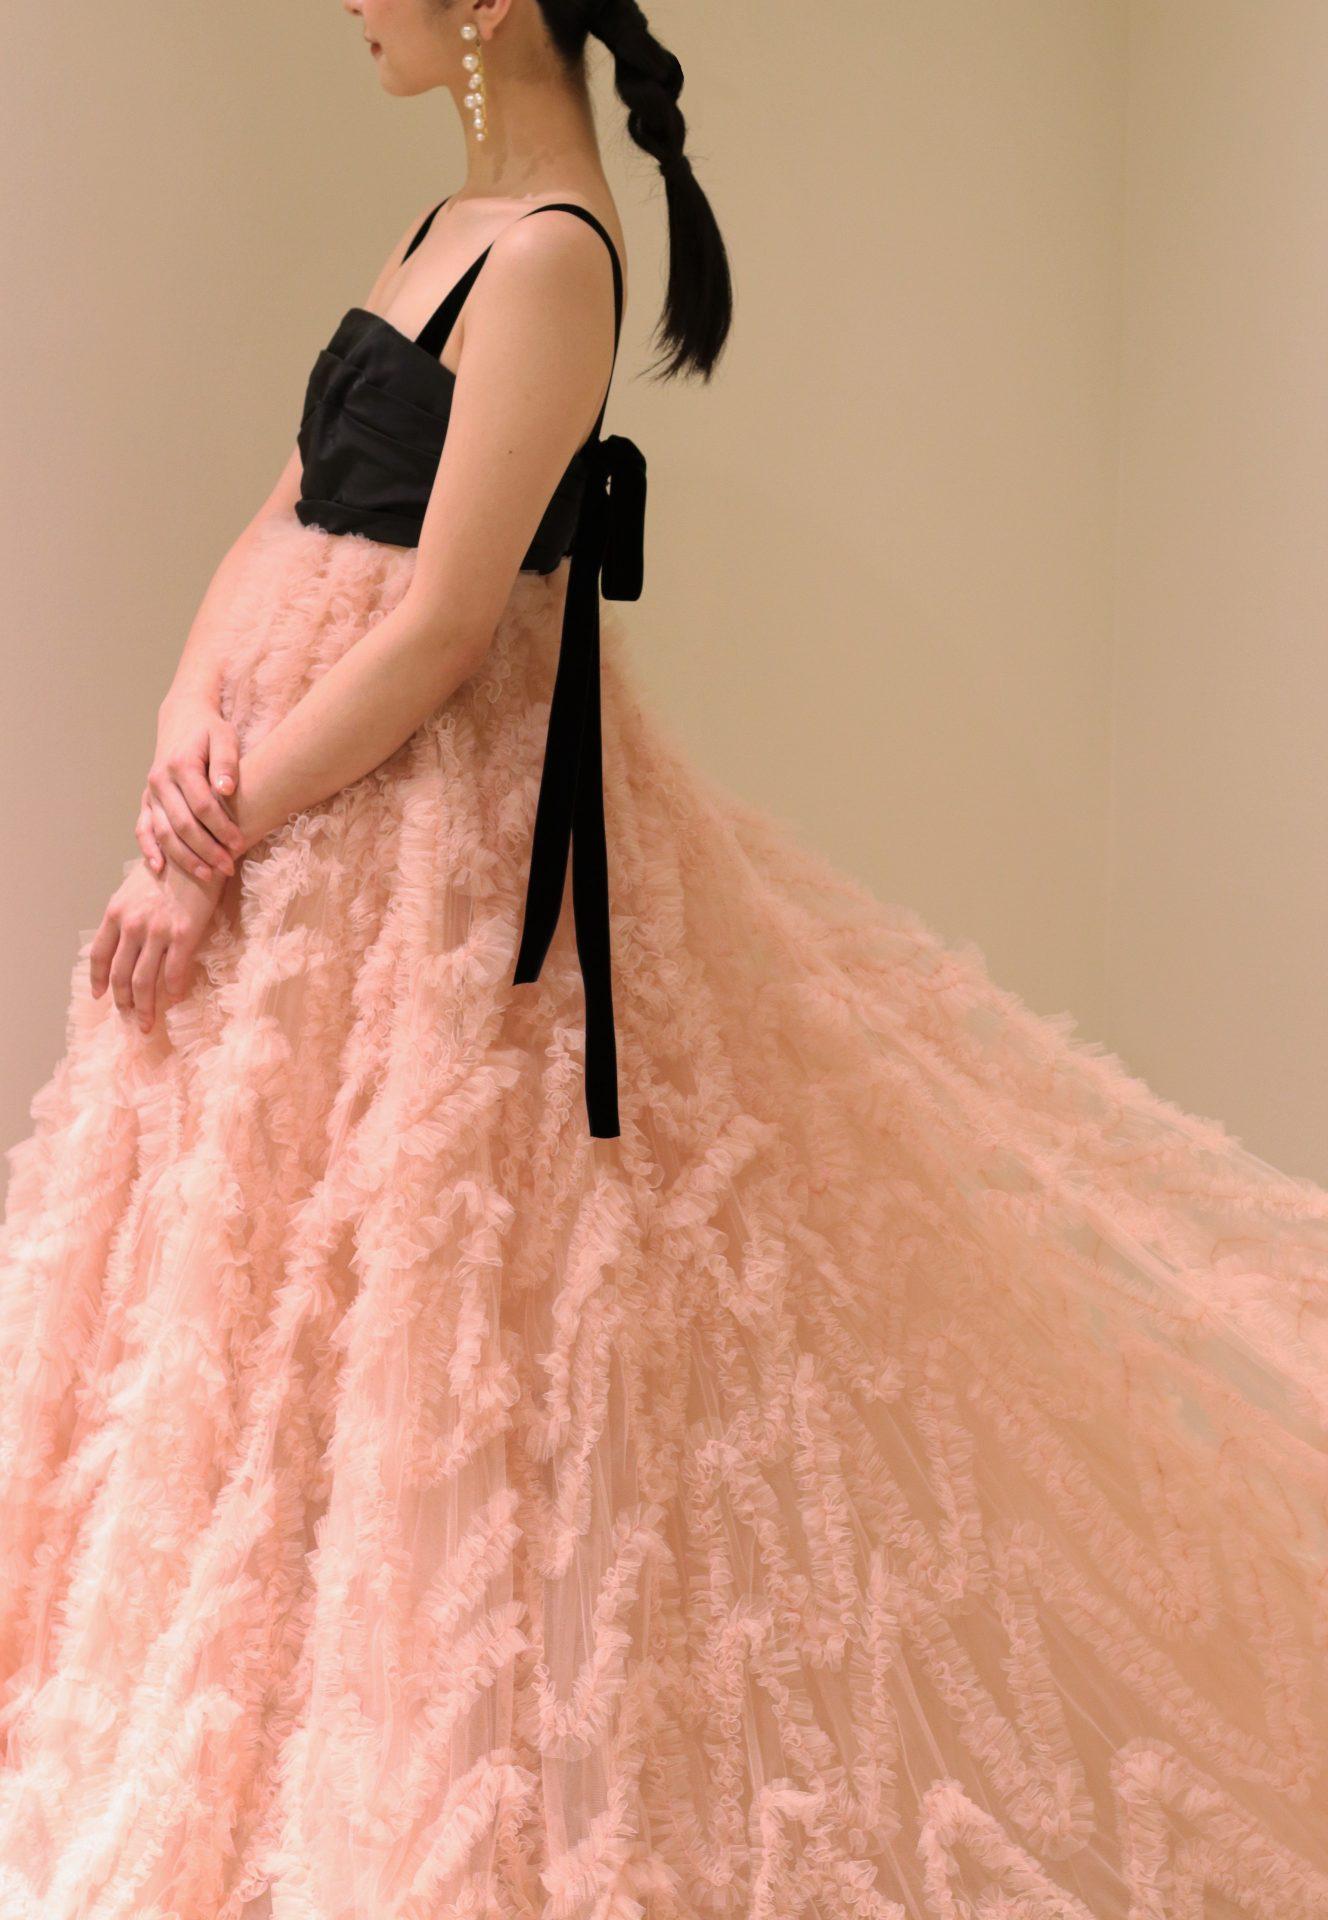 THETREATDRESSINGアディション店からご紹介させていただくのは、日本の花嫁様に人気の高いヌーディーピンクとモダンなブラックのバイカラーが美しいカラードレスです